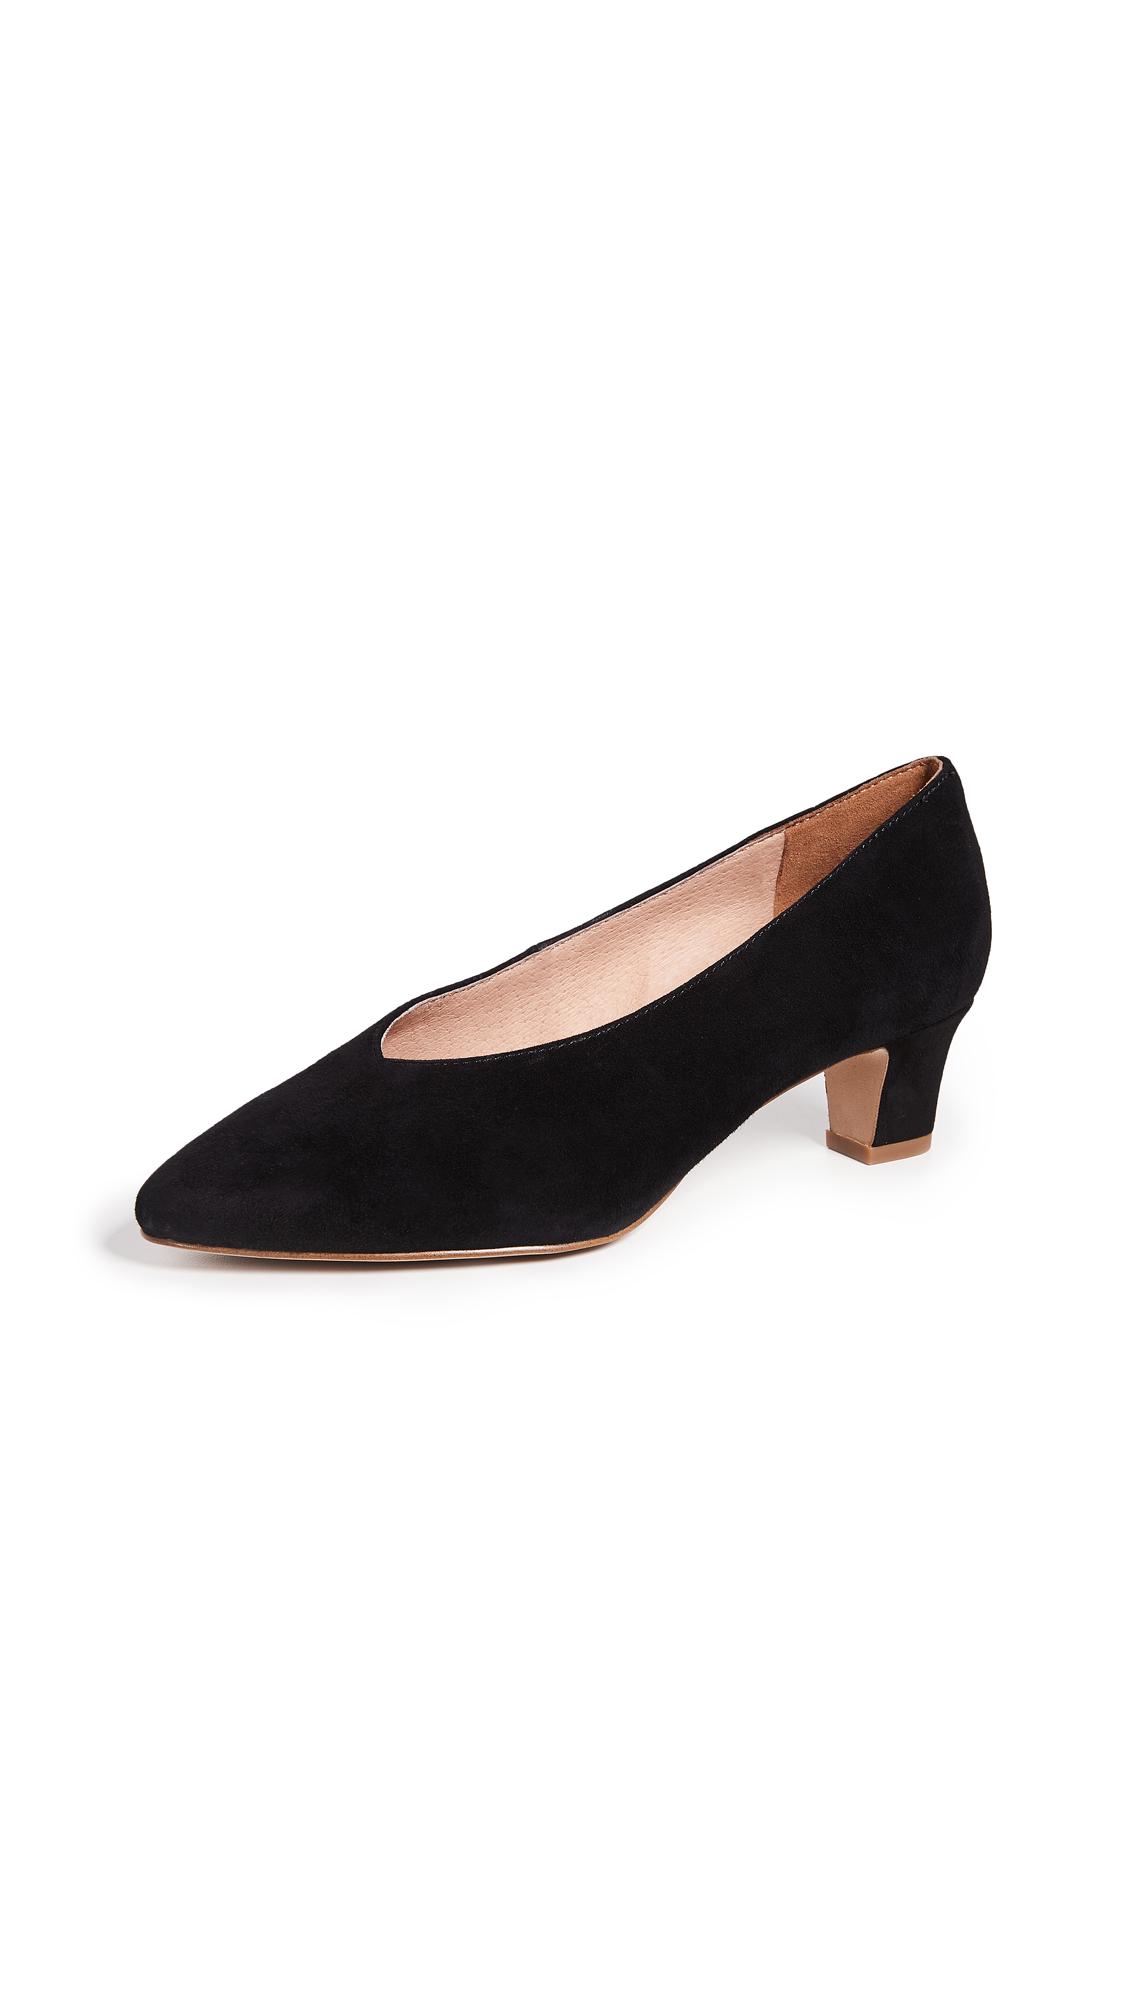 Madewell Francia Kitten Heel Pumps - True Black